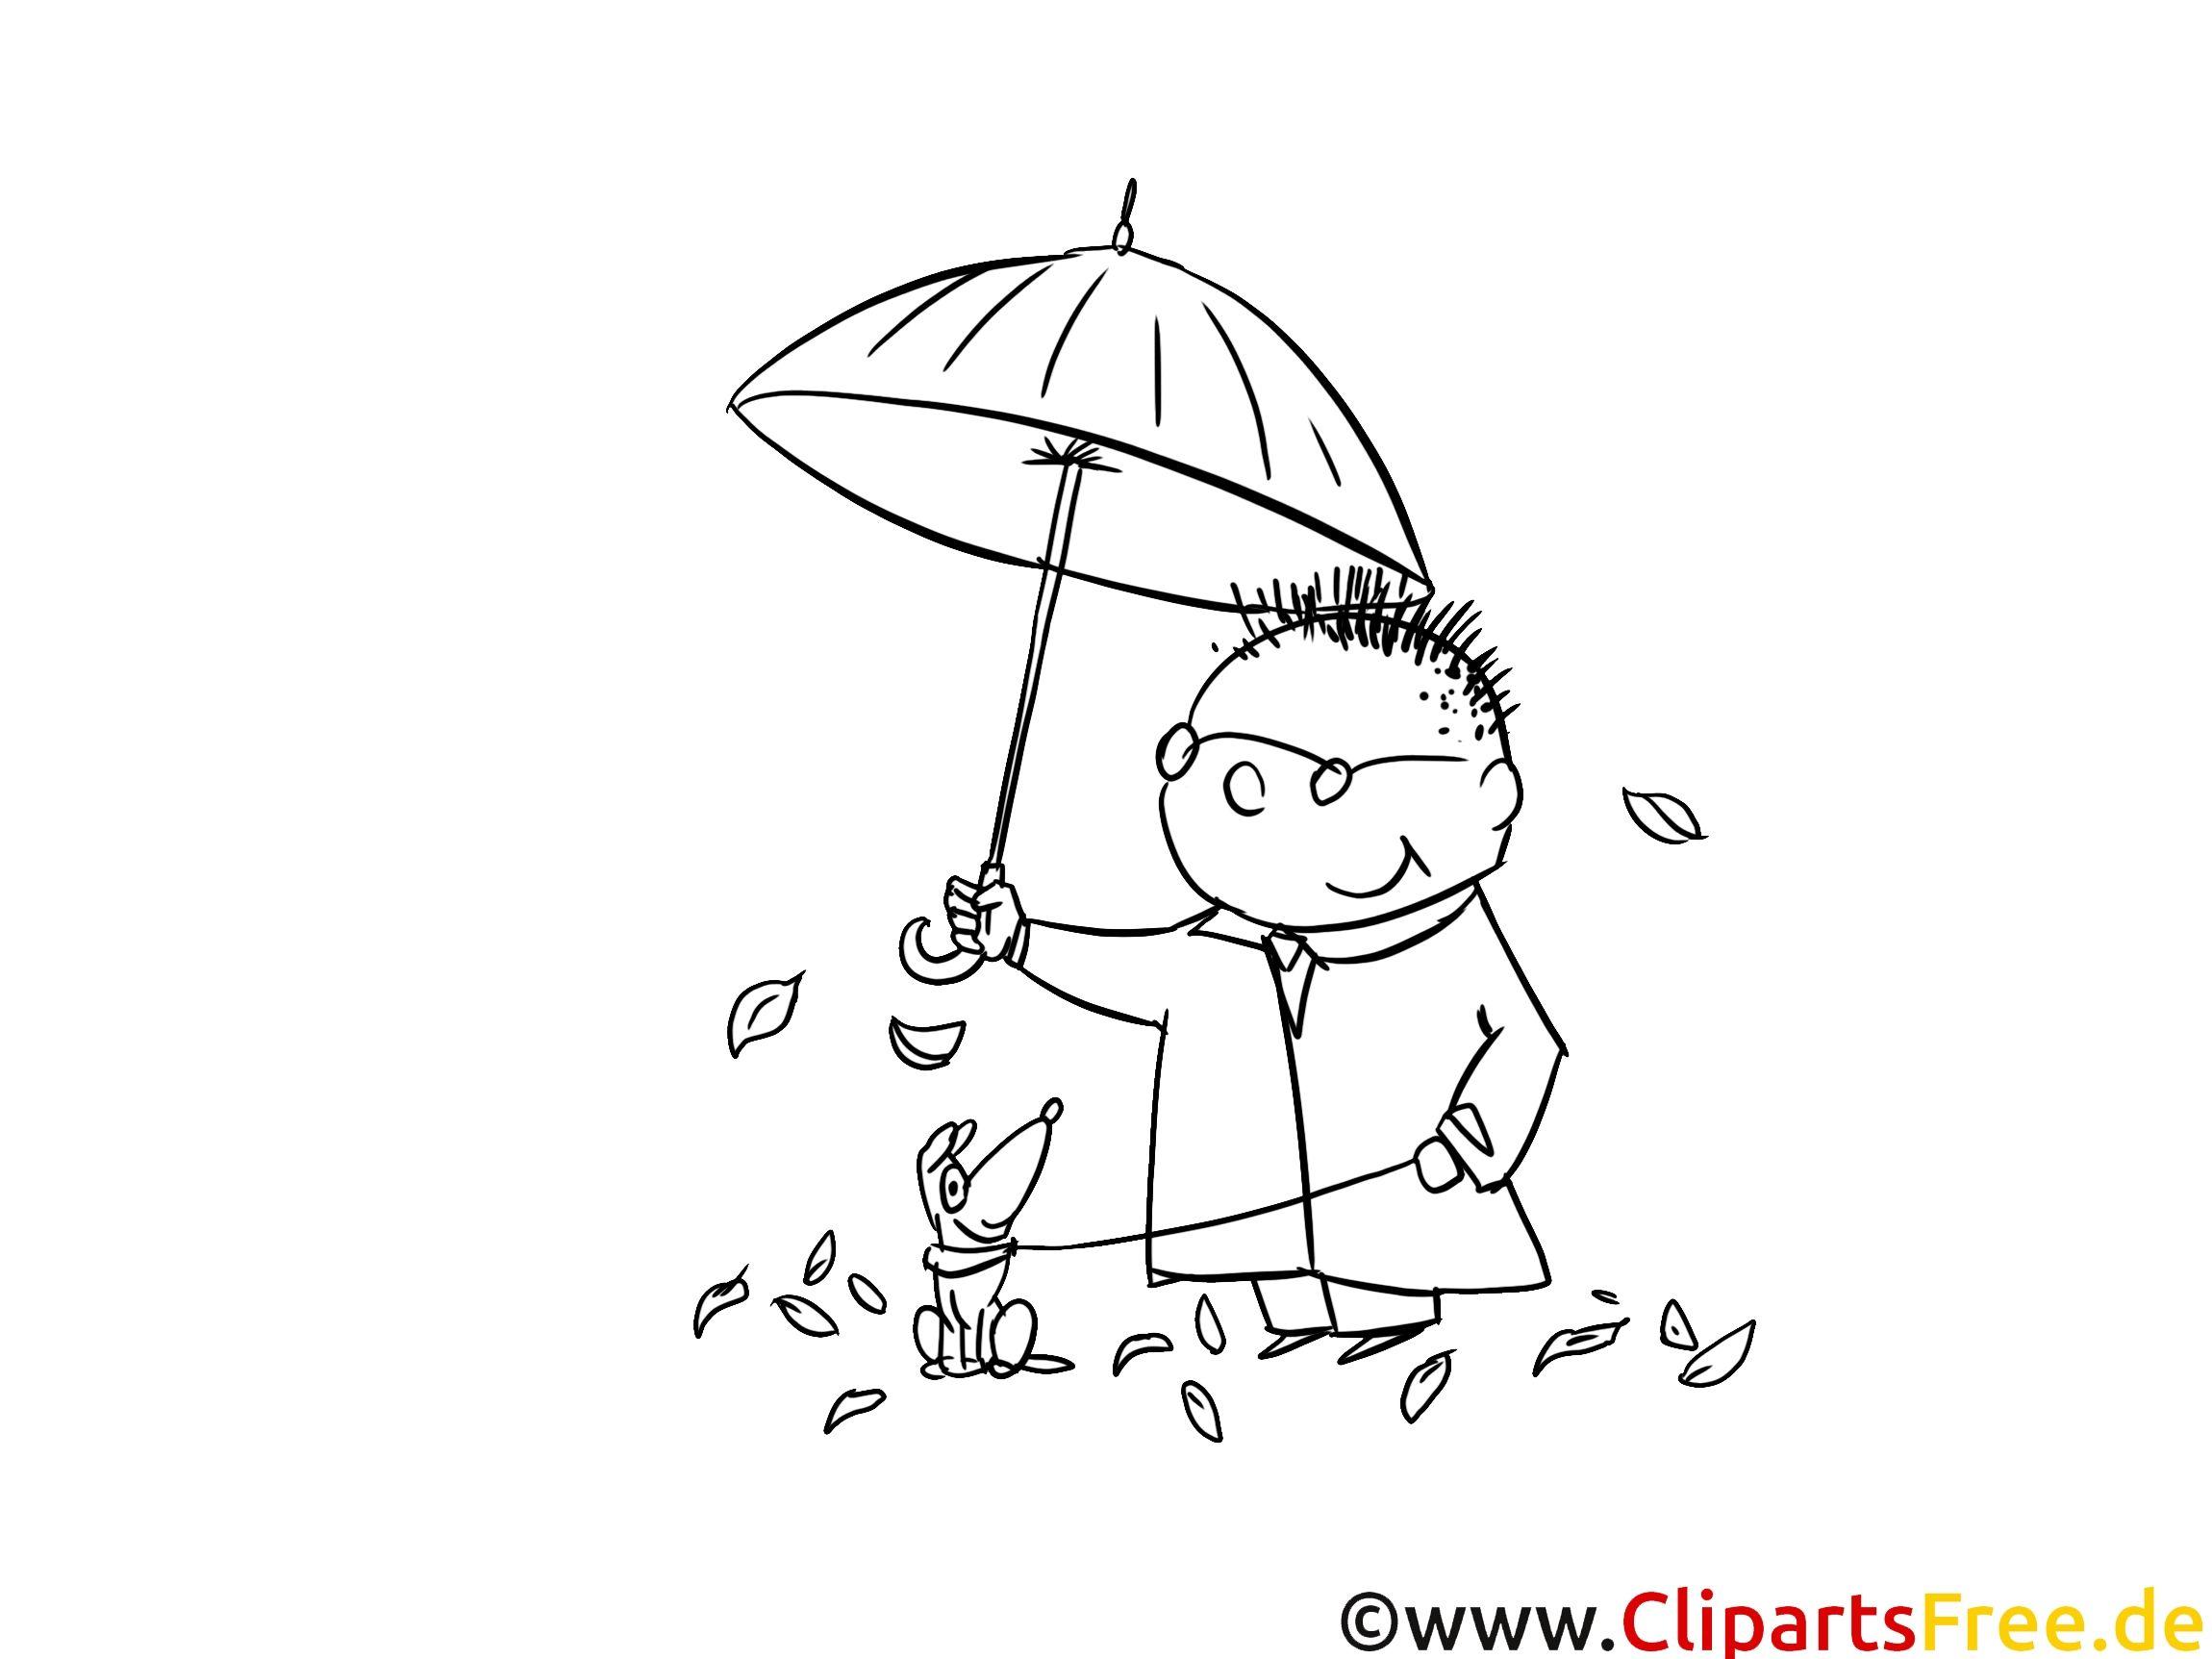 10 Beste Regenschirm Malvorlage Begriff 2020